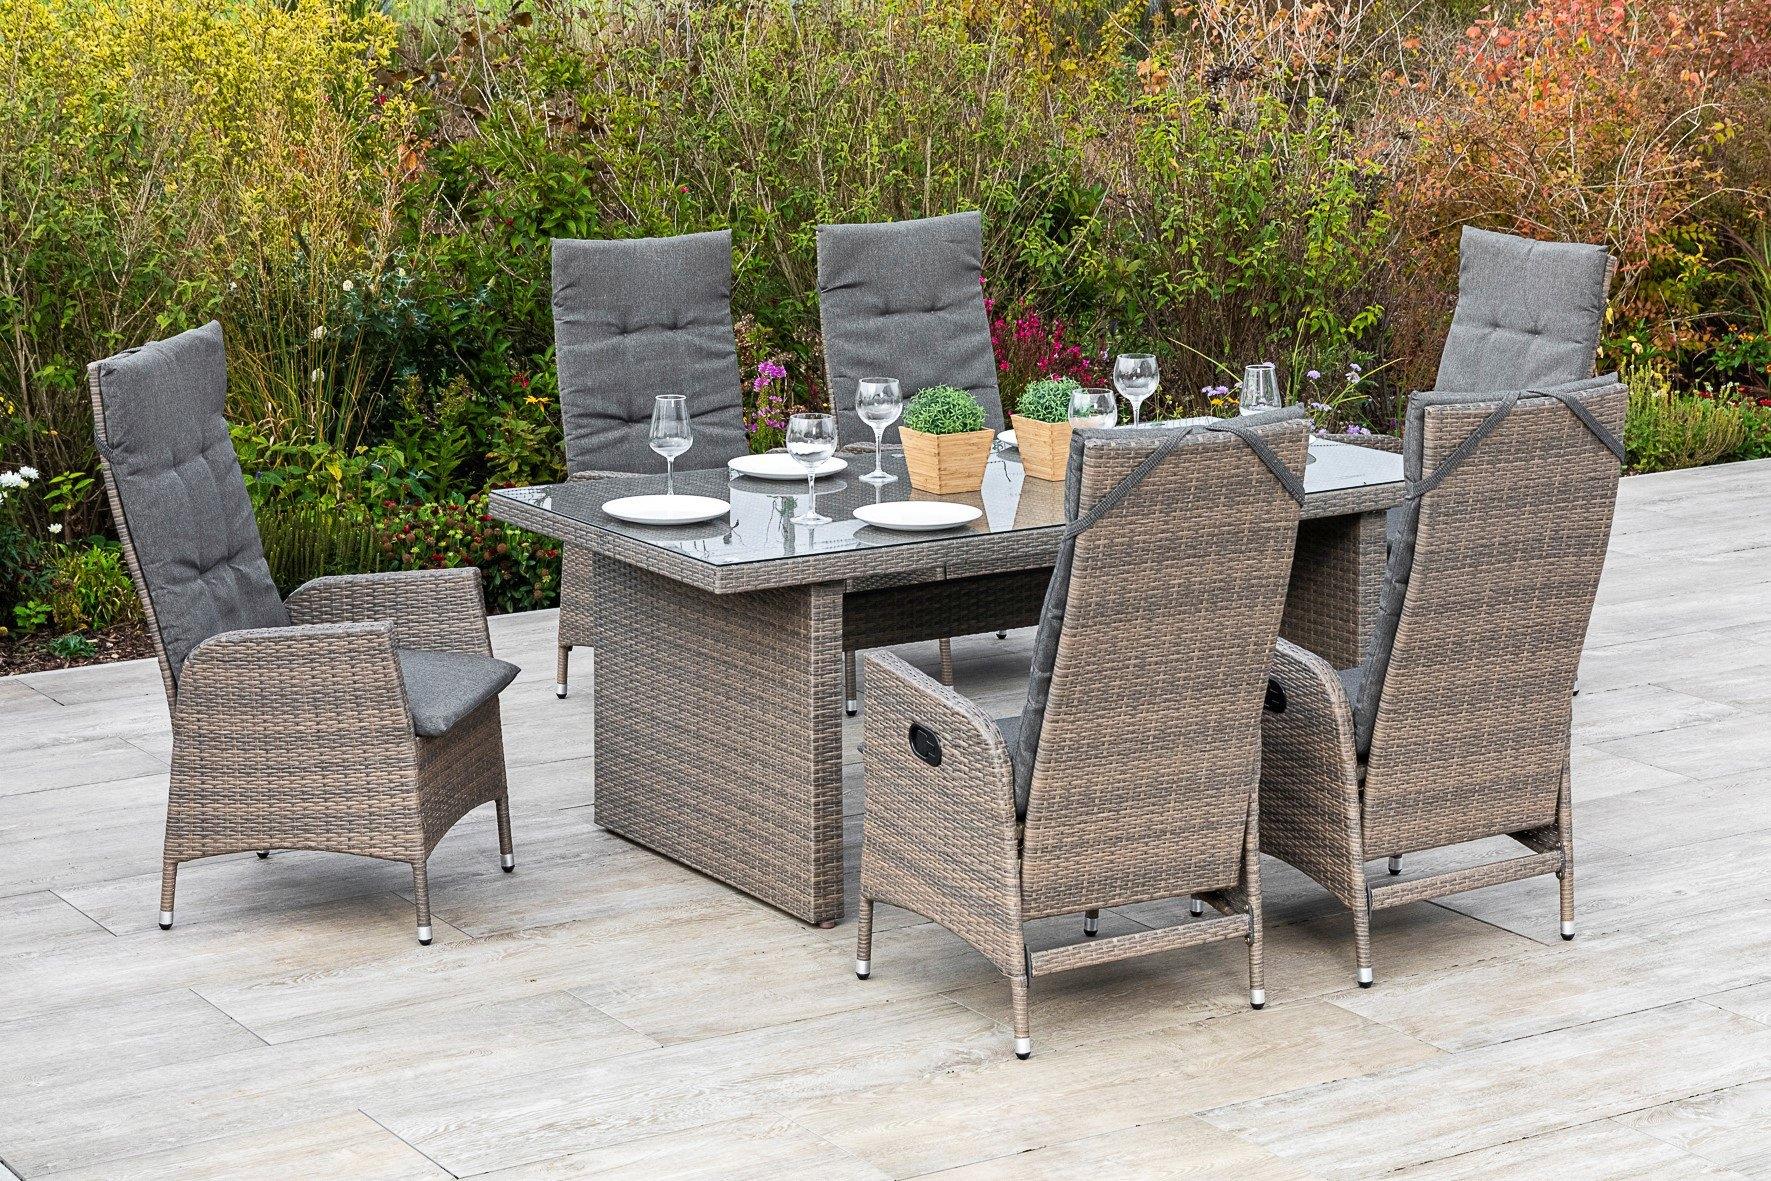 MERXX Tuinmeubelset Molina 6 tuinstoelen met tafel (7 delig) voordelig en veilig online kopen